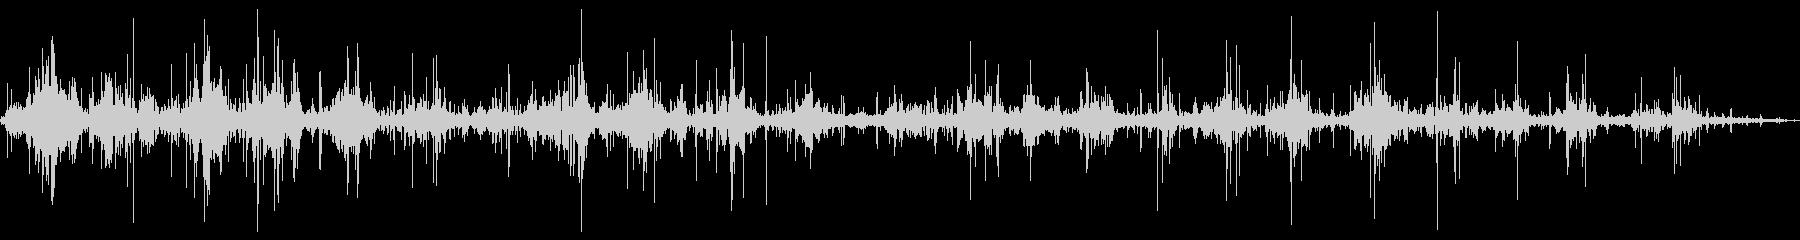 アルミニウムカヌー:2つのパドラー...の未再生の波形